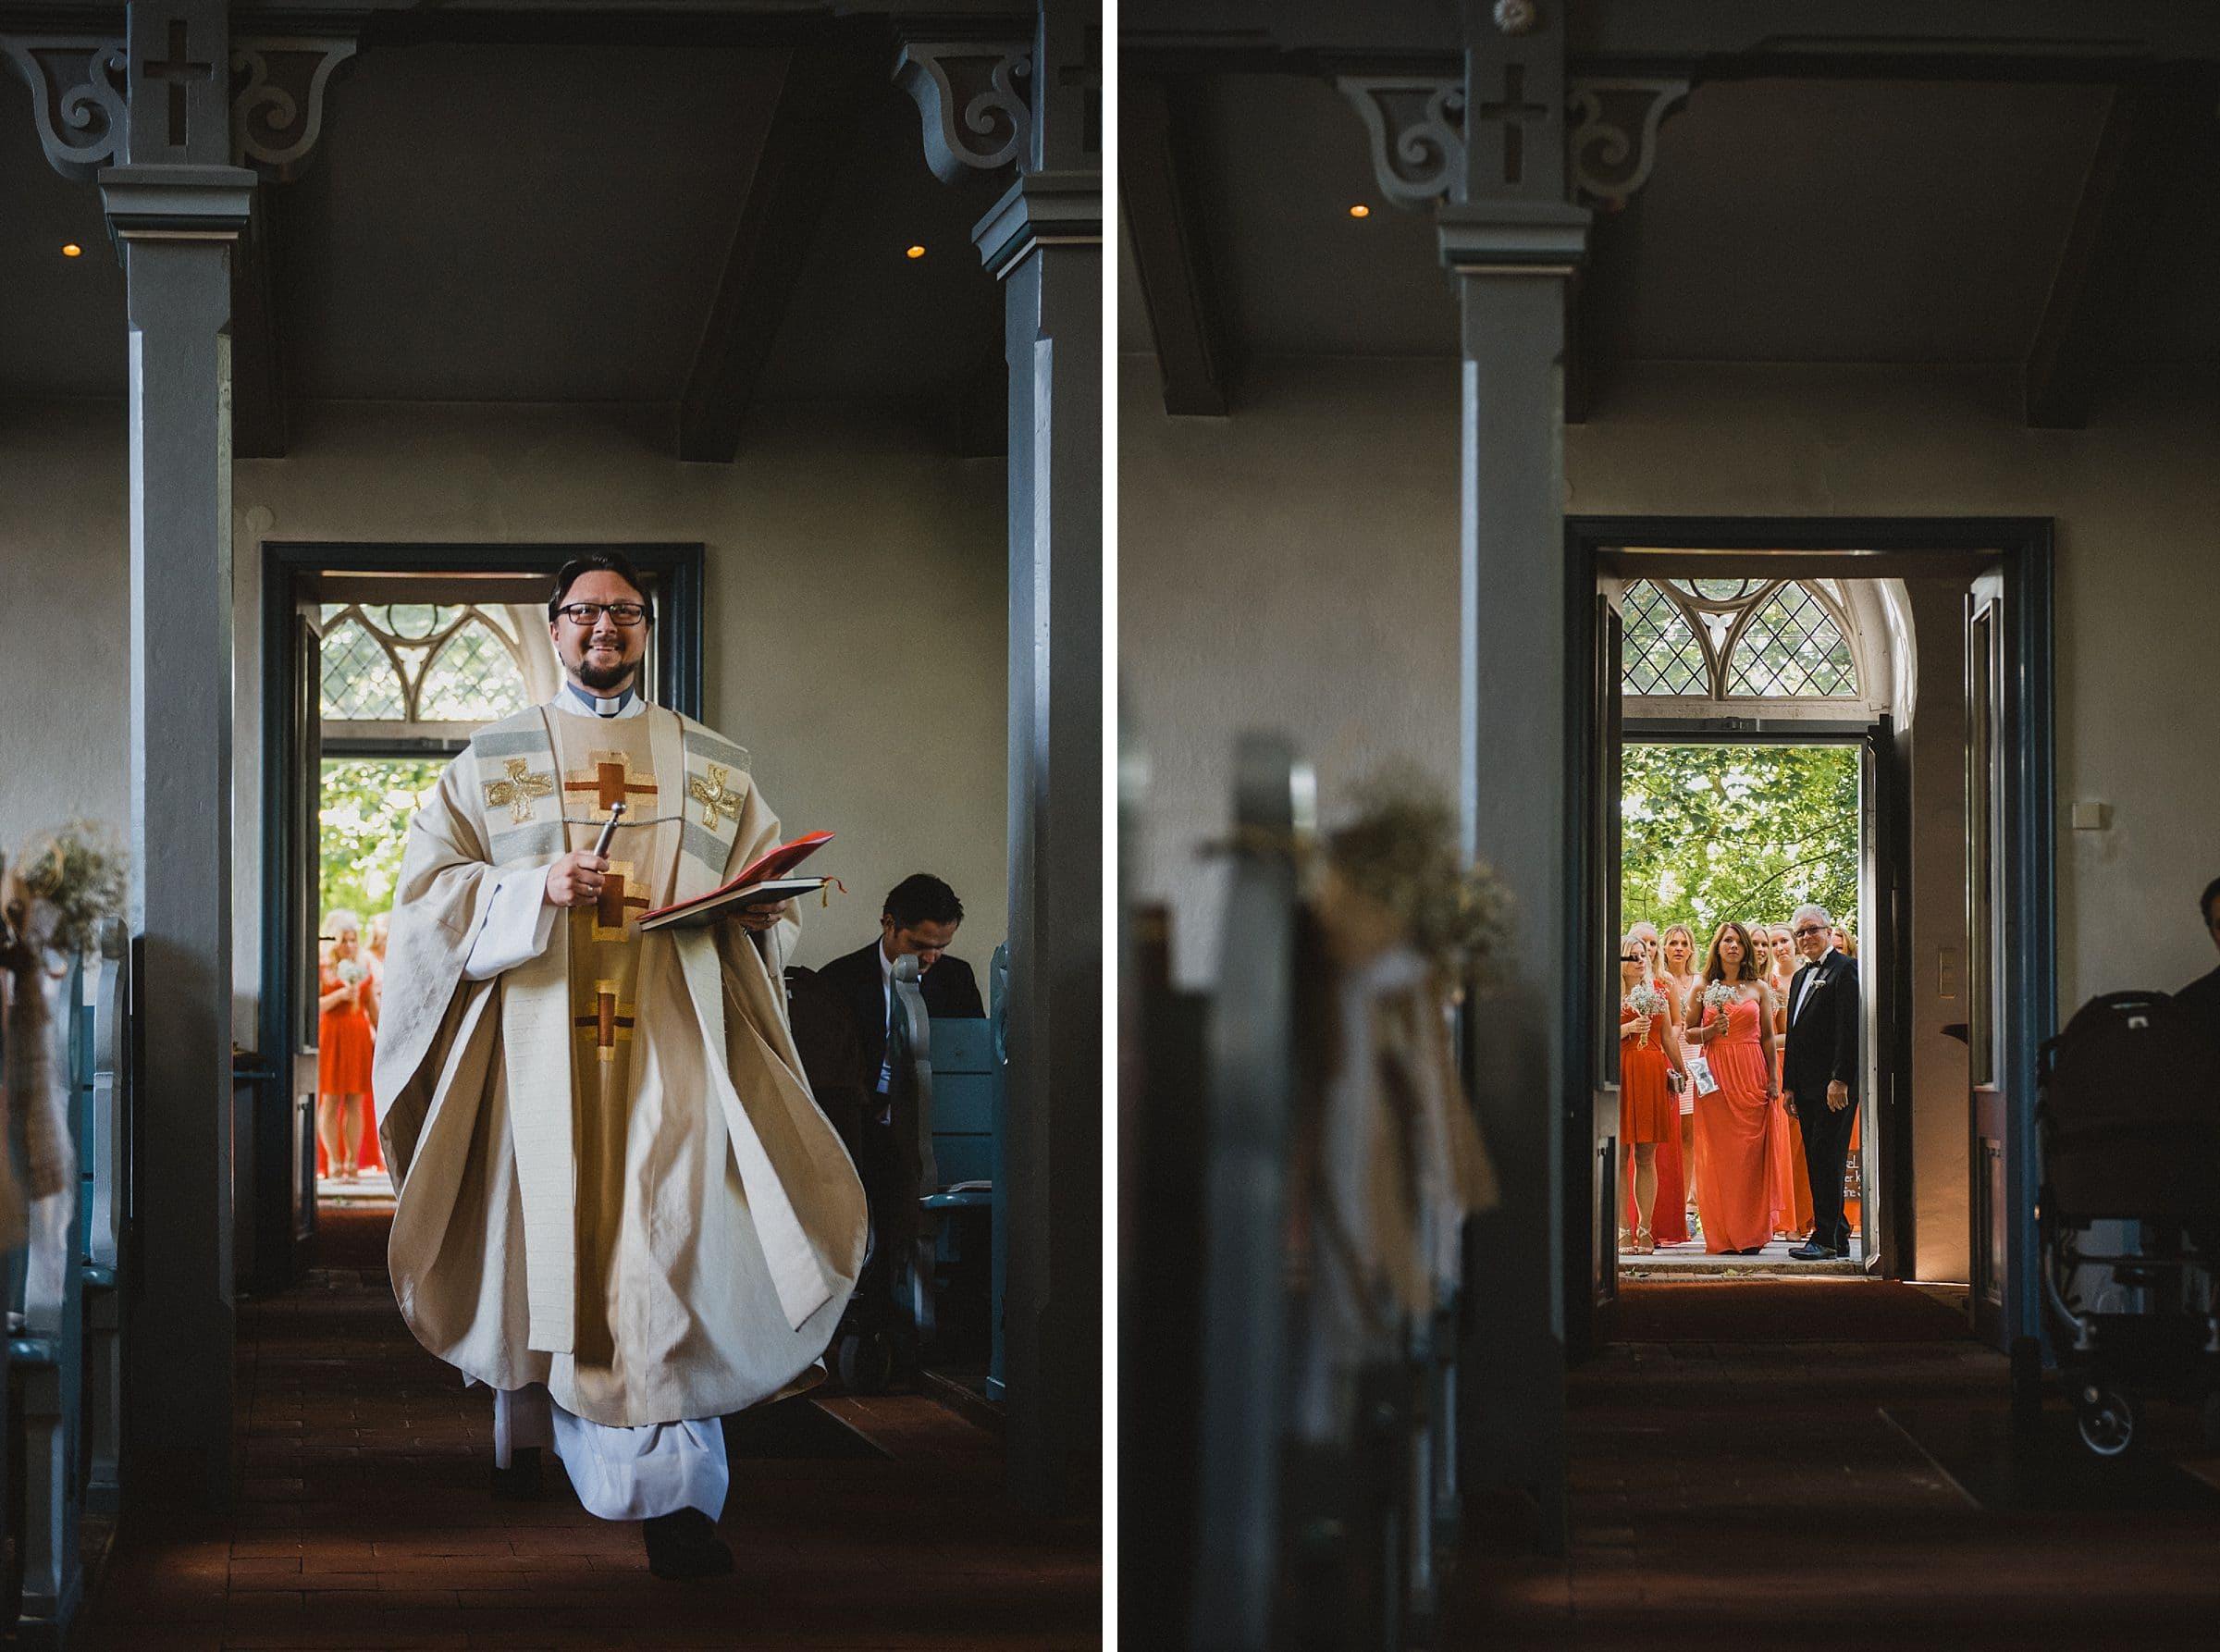 Hochzeitsfotografie Hamburg-Frau-Siemers-Gut Basthorst- kirchliche Trauung-Pastor kommt zu spät